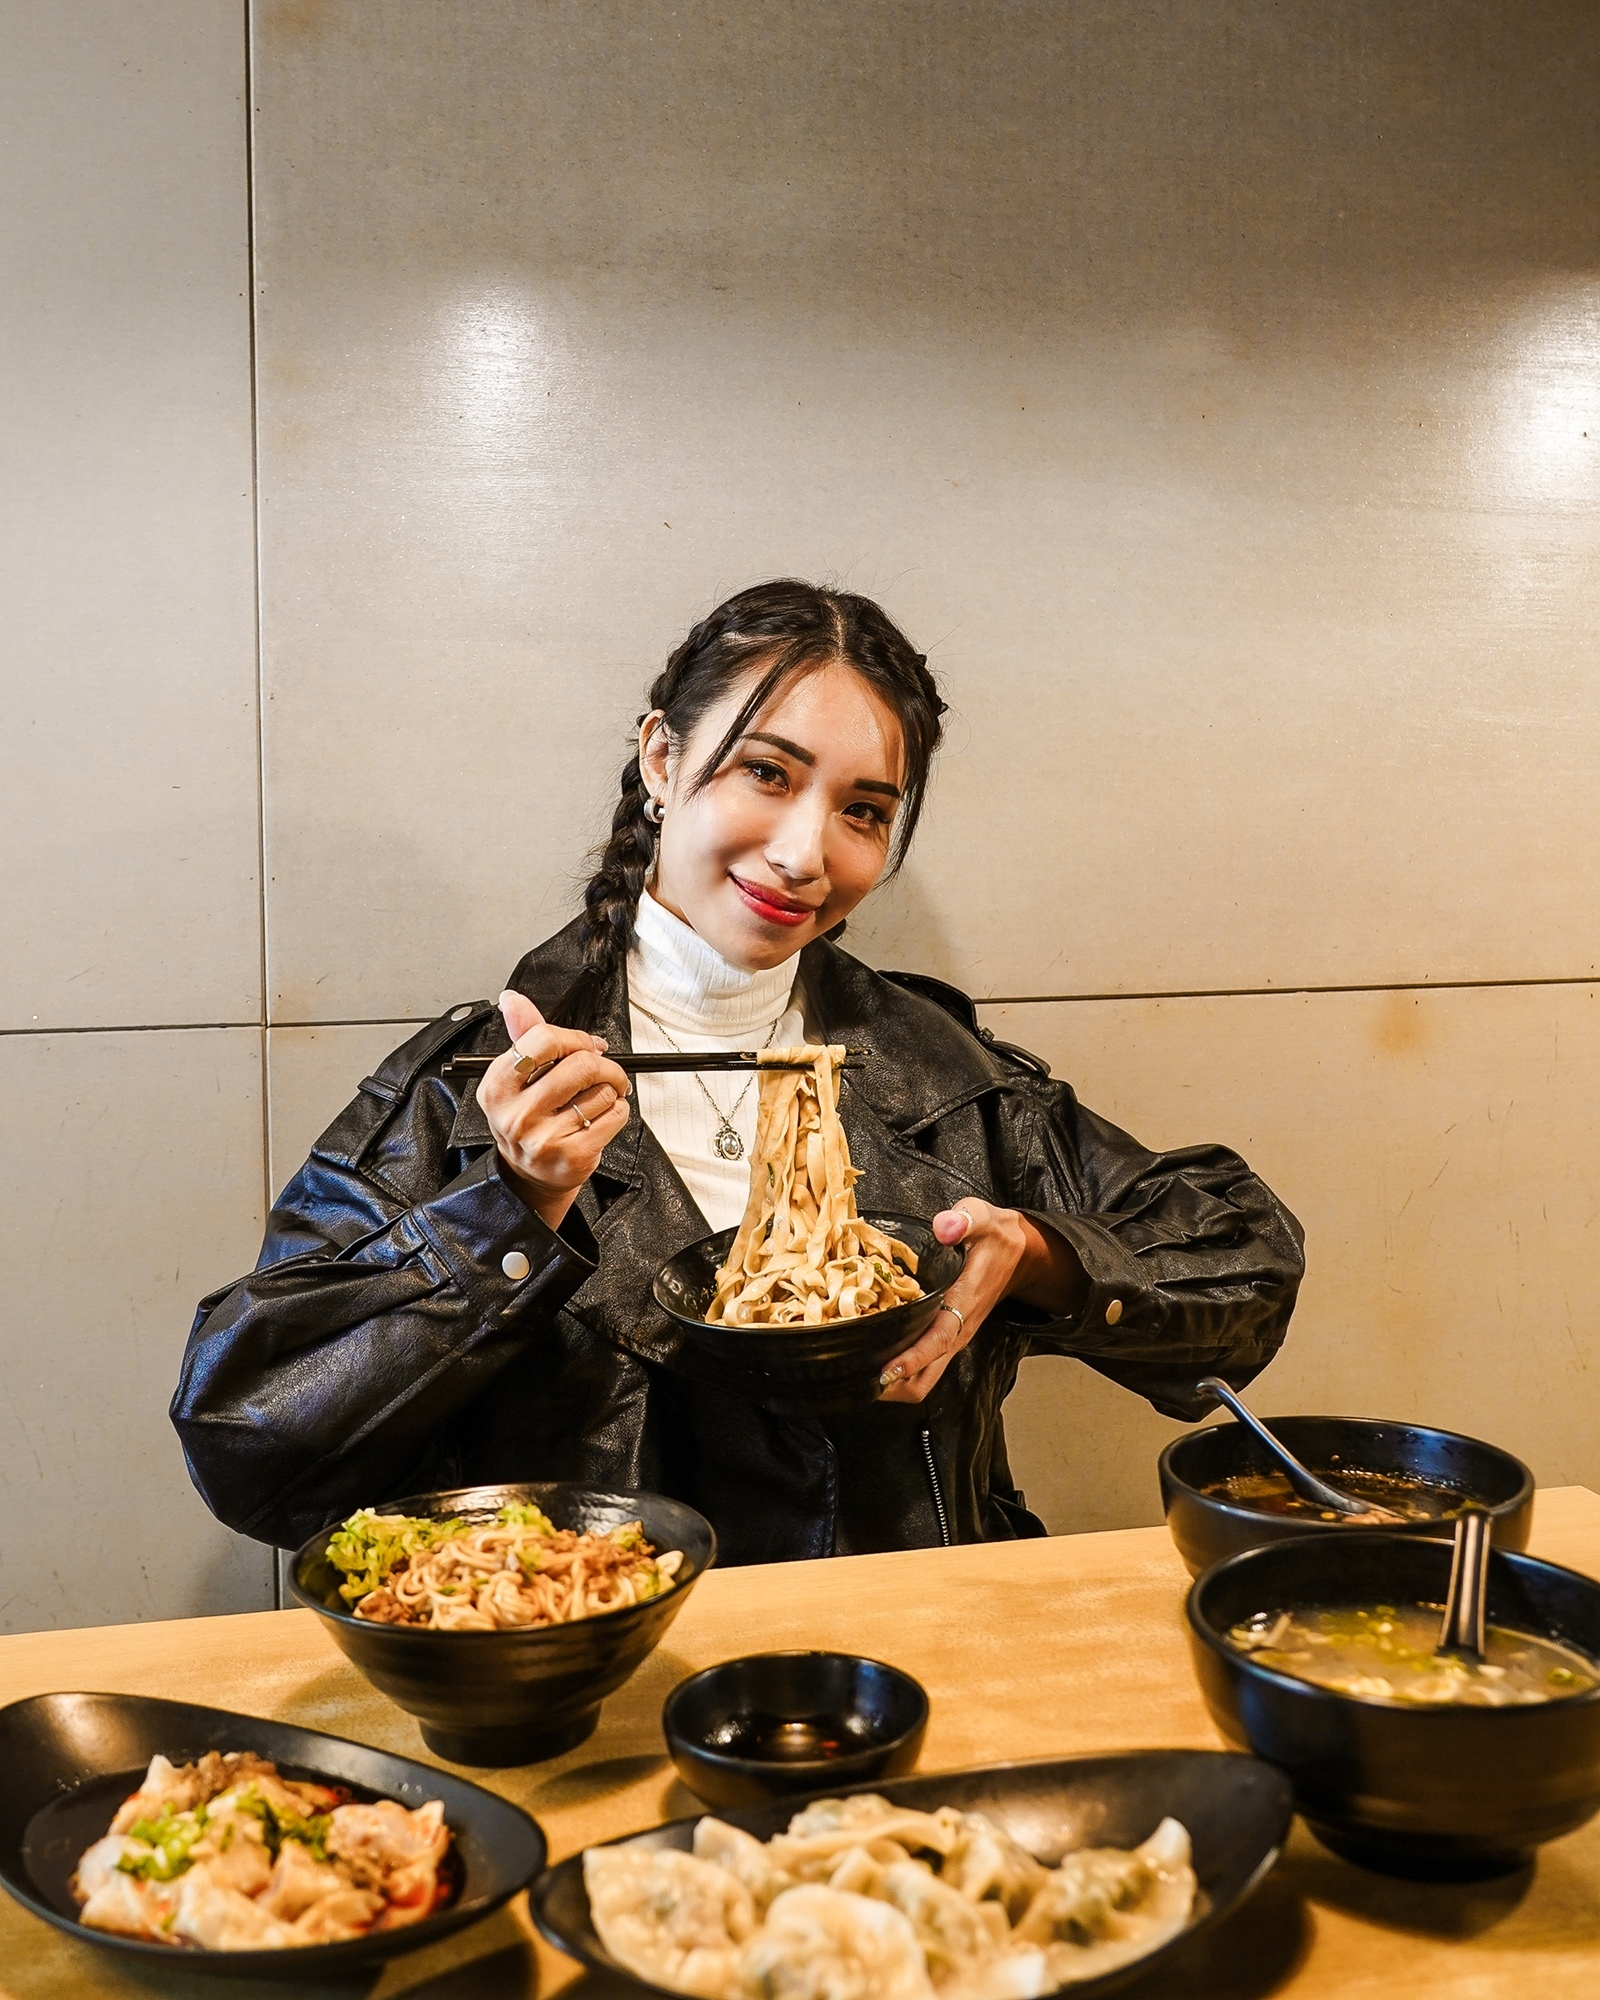 台南中西區美食 東城麵家 結合hiphop與街頭文化的潮流麵店20.jpg